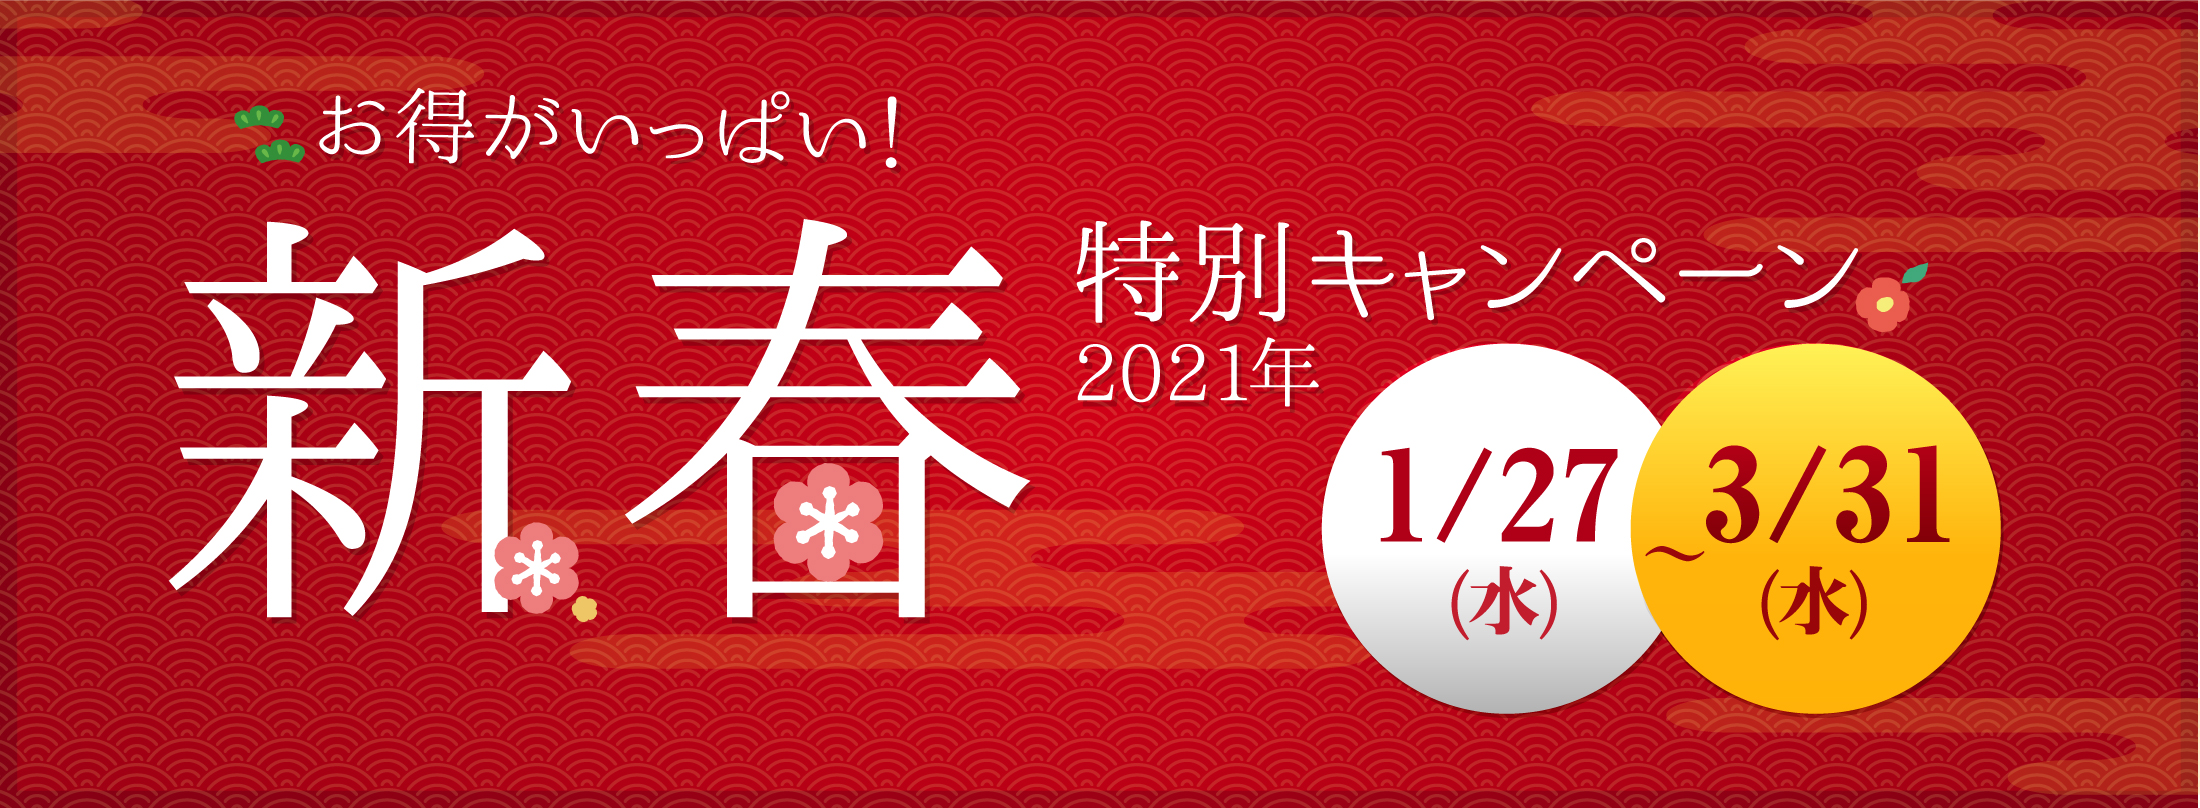 新春キャンペーン2021